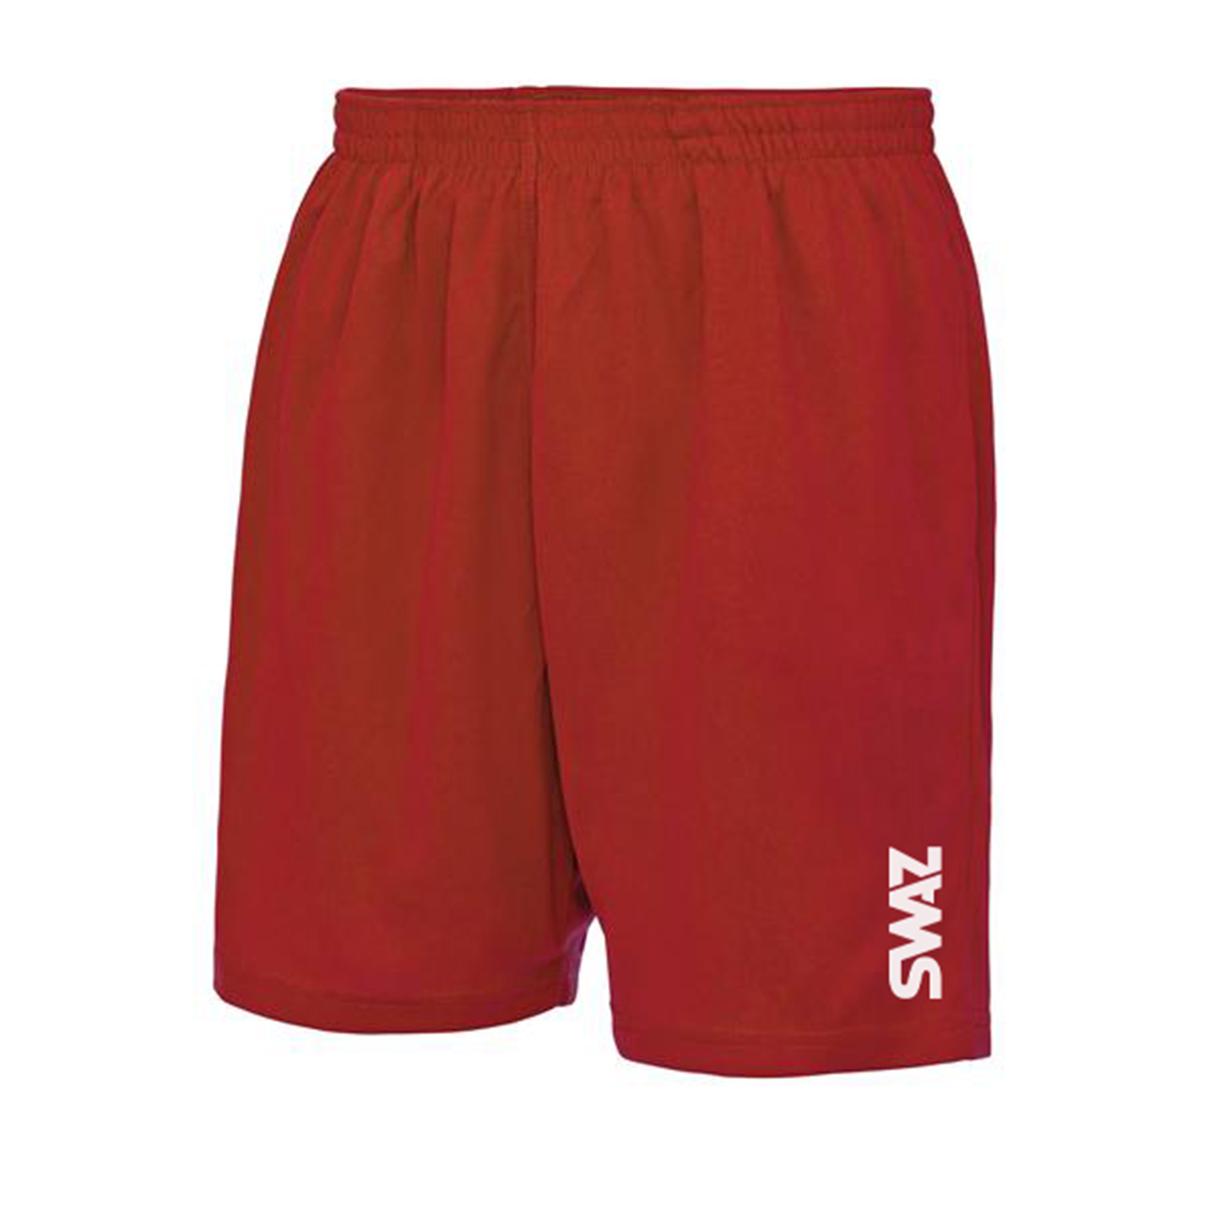 SWAZ Training Shorts – Red